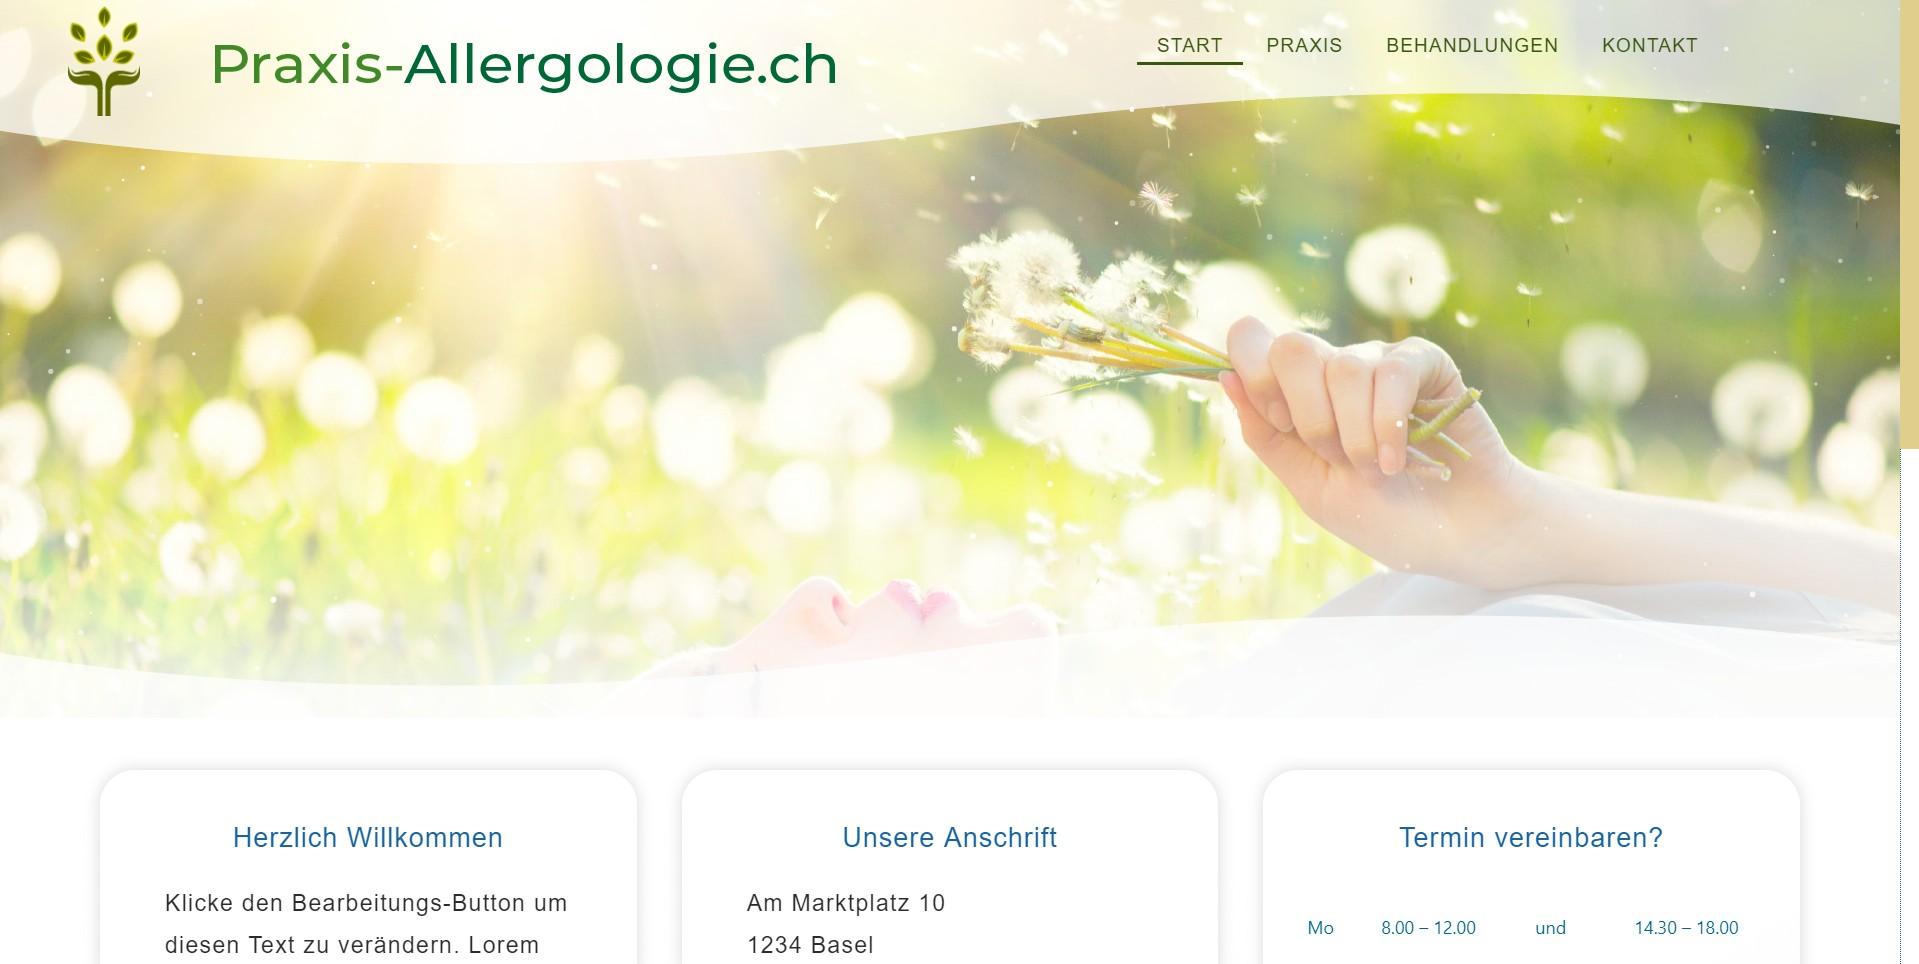 Praxis-Allergologie.ch